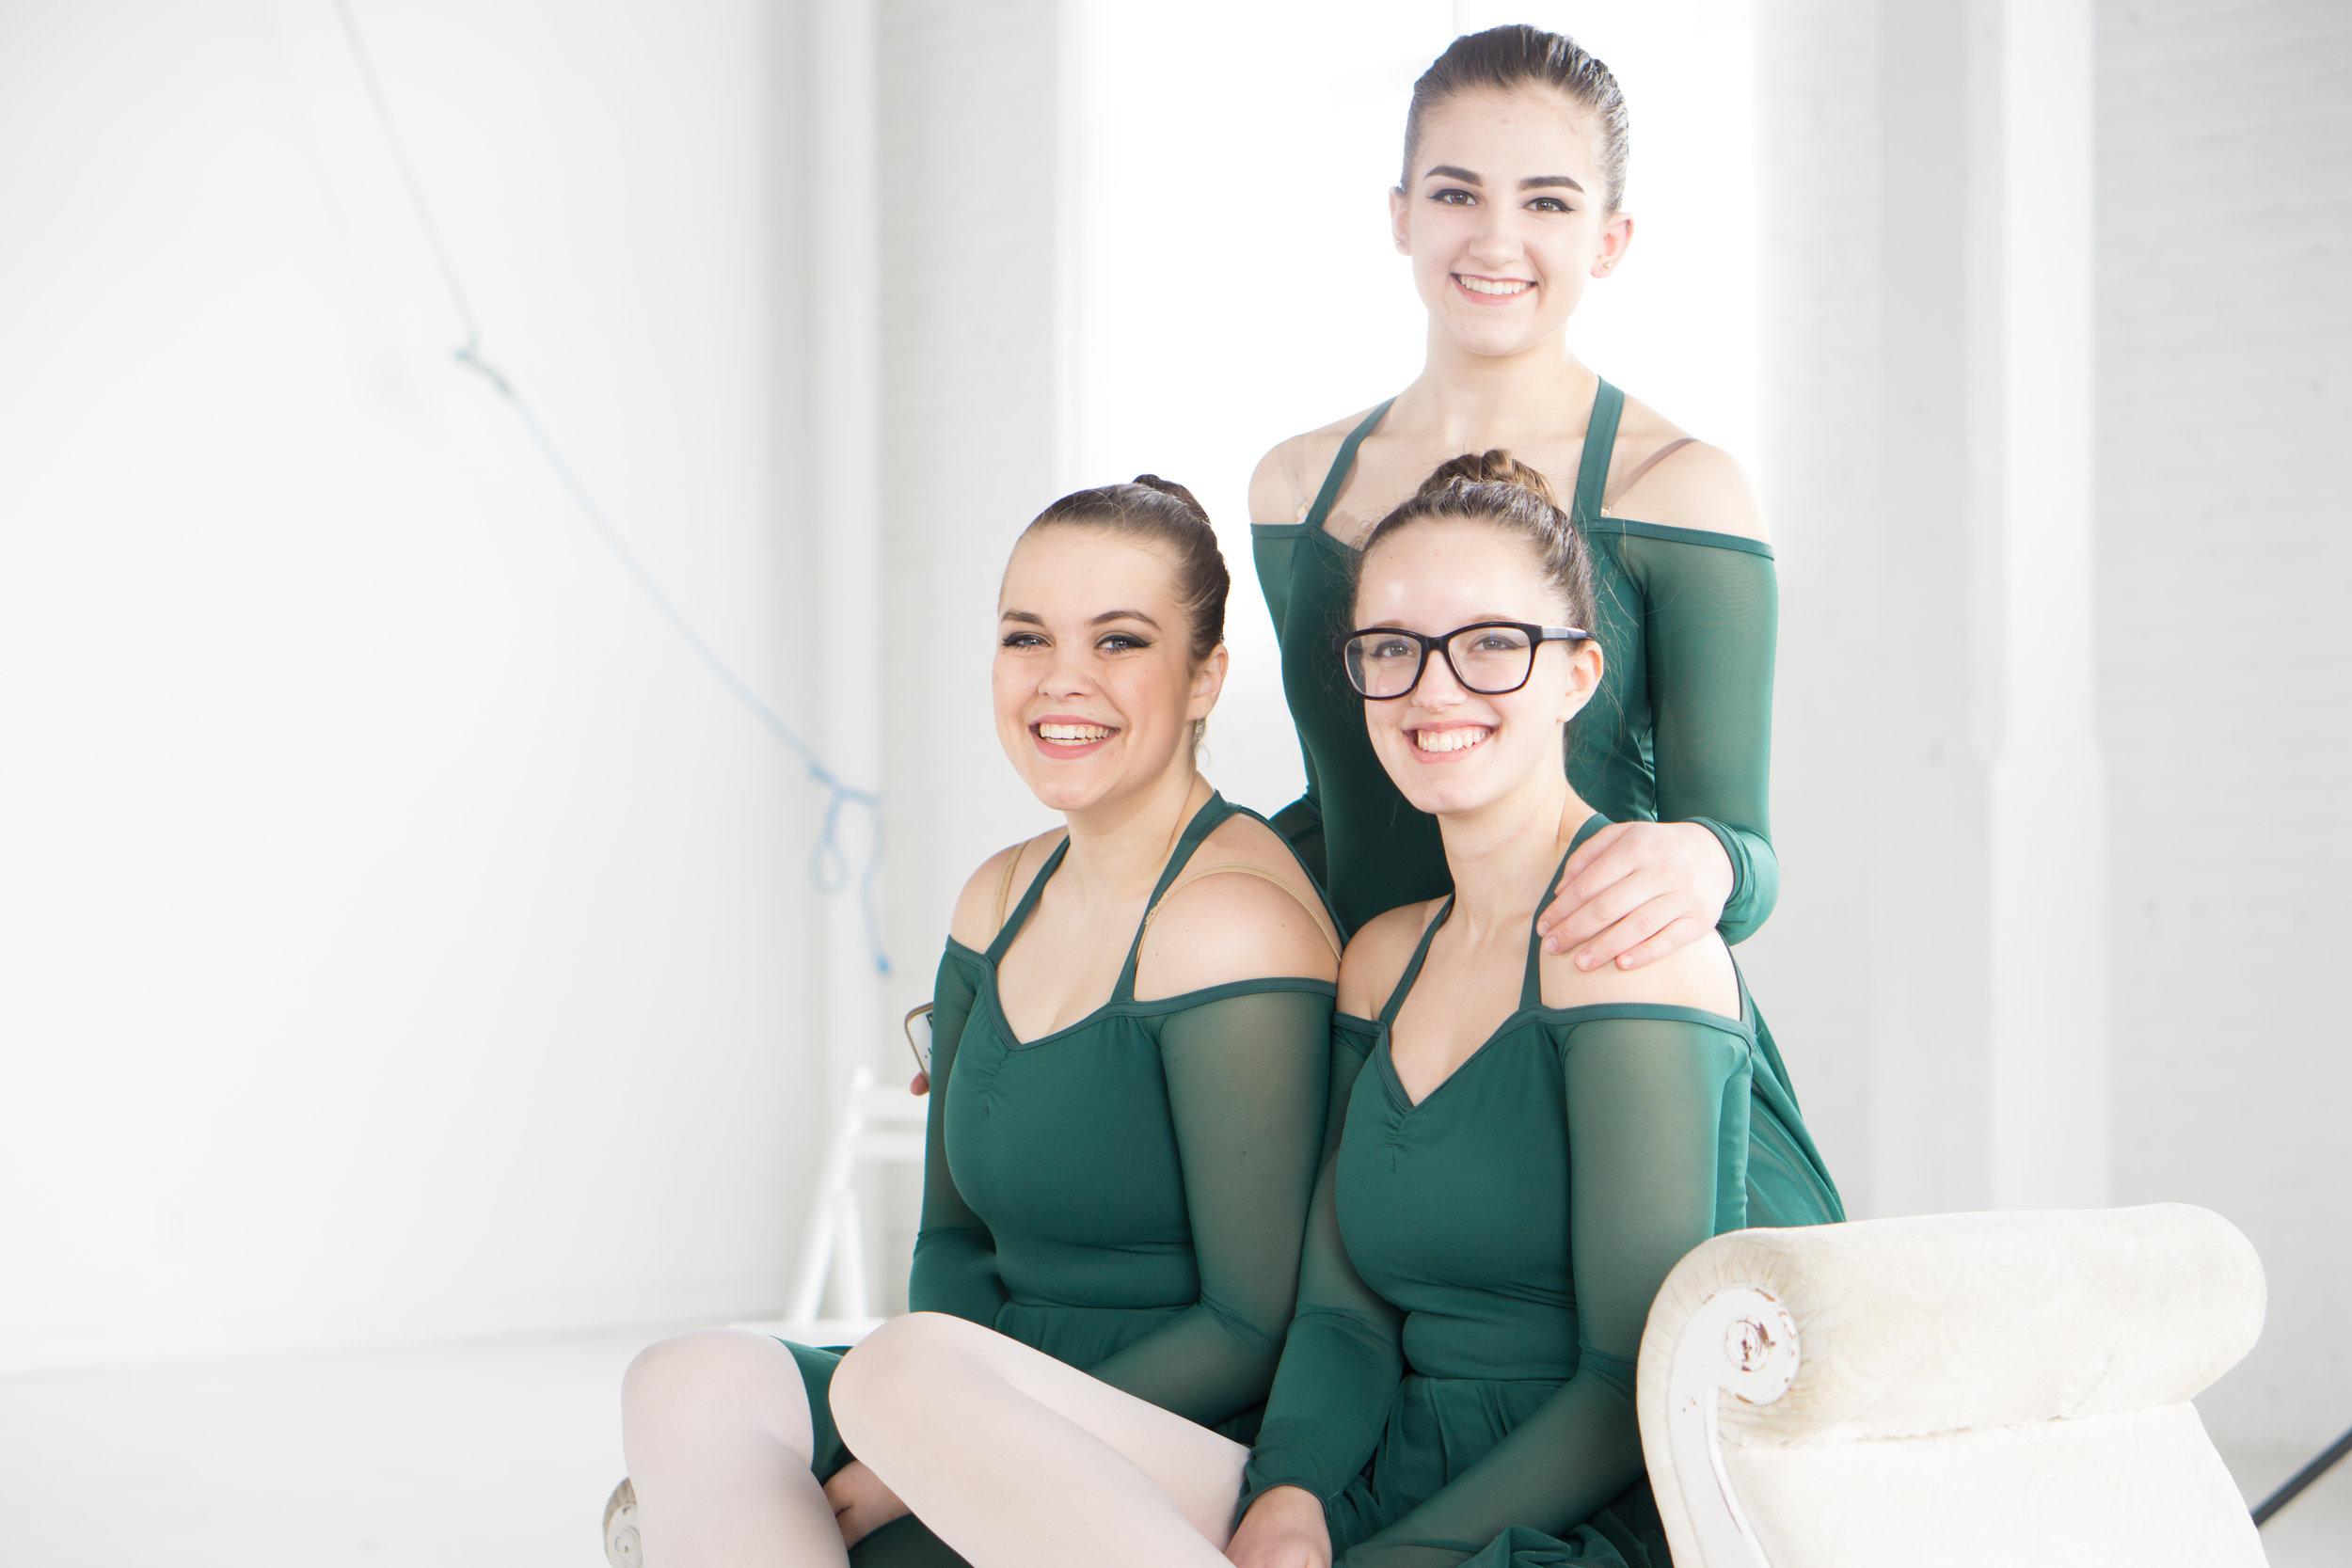 happy ballet dancer students